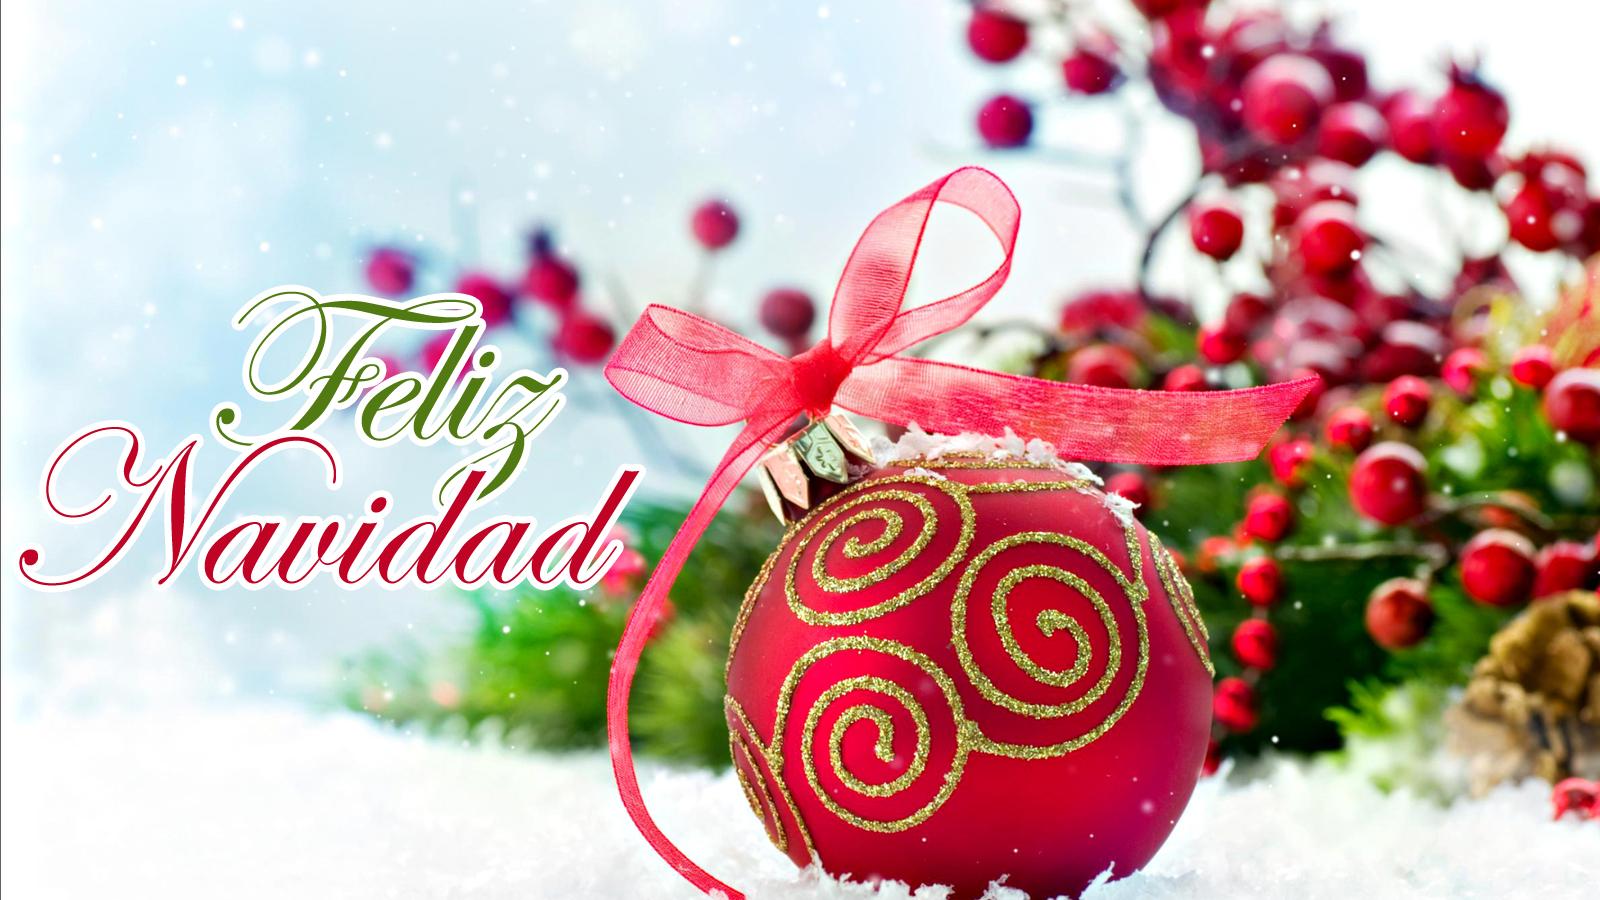 Feliz Navidad Antonio Recio.Television Television Os Desea Feliz Navidad